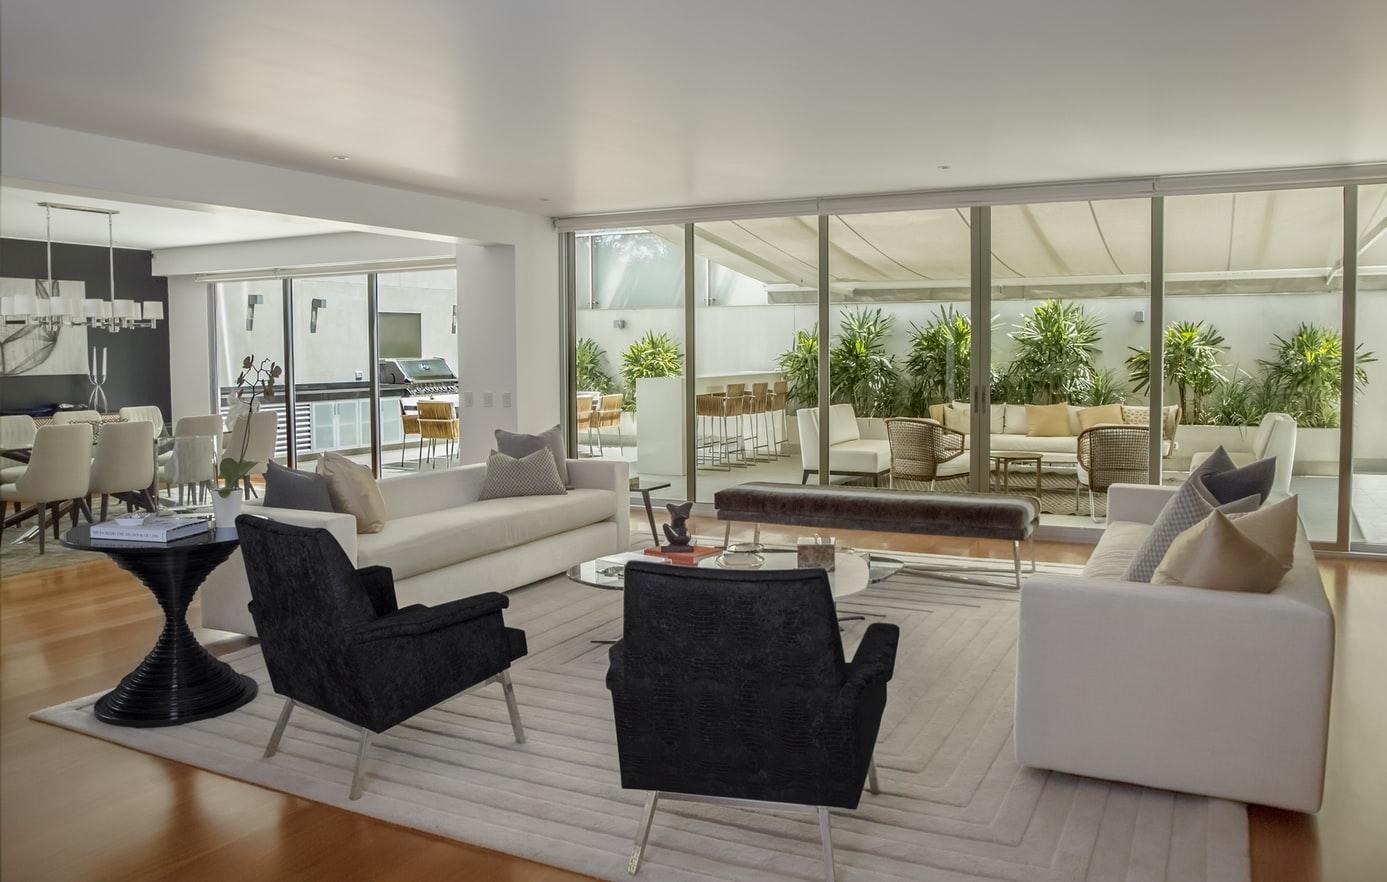 5 projets d'aménagement pour ajouter de la valeur à votre maison